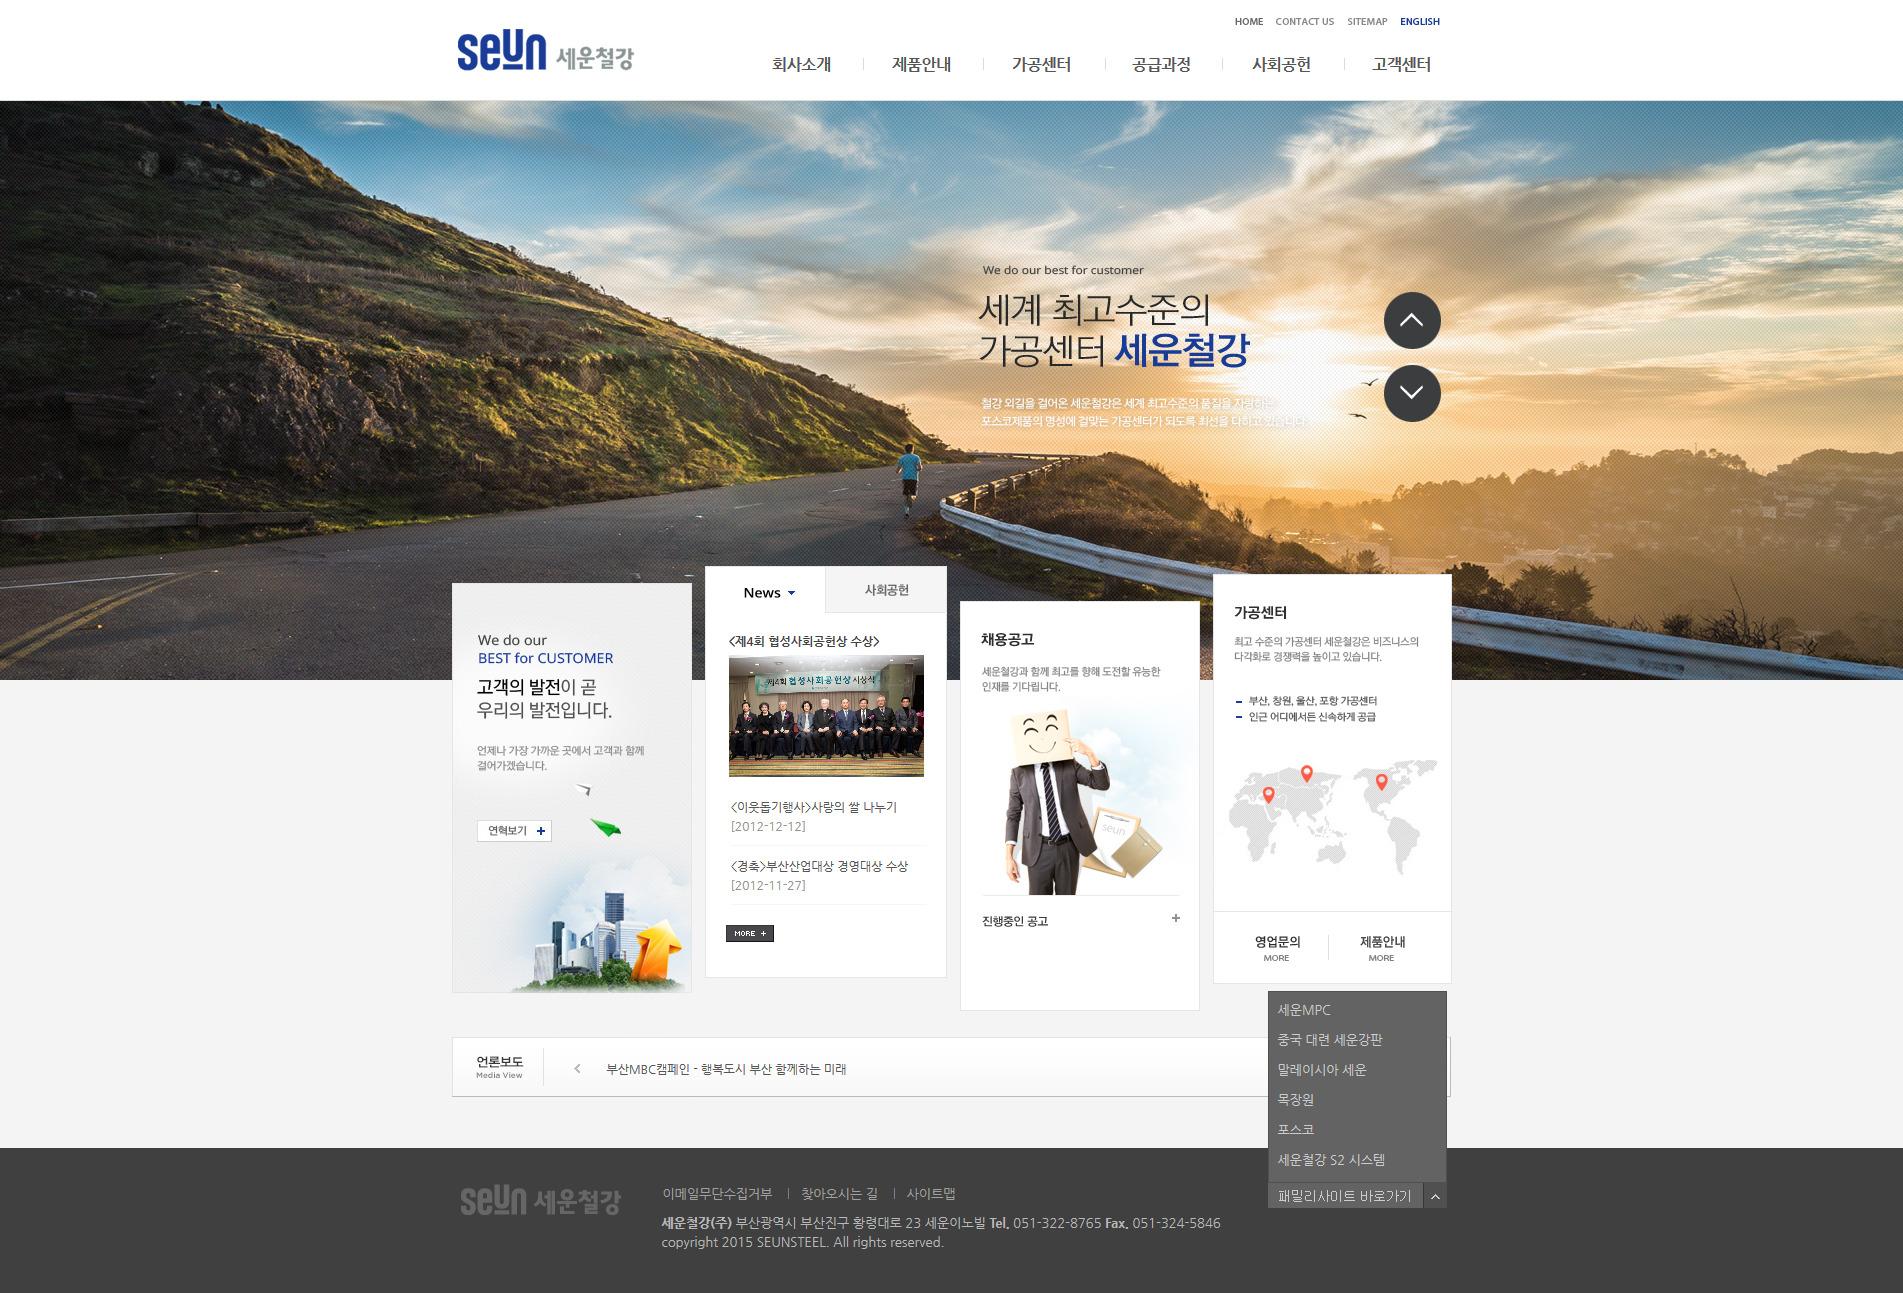 Screenshot-2018-1-4 세운철강.jpg